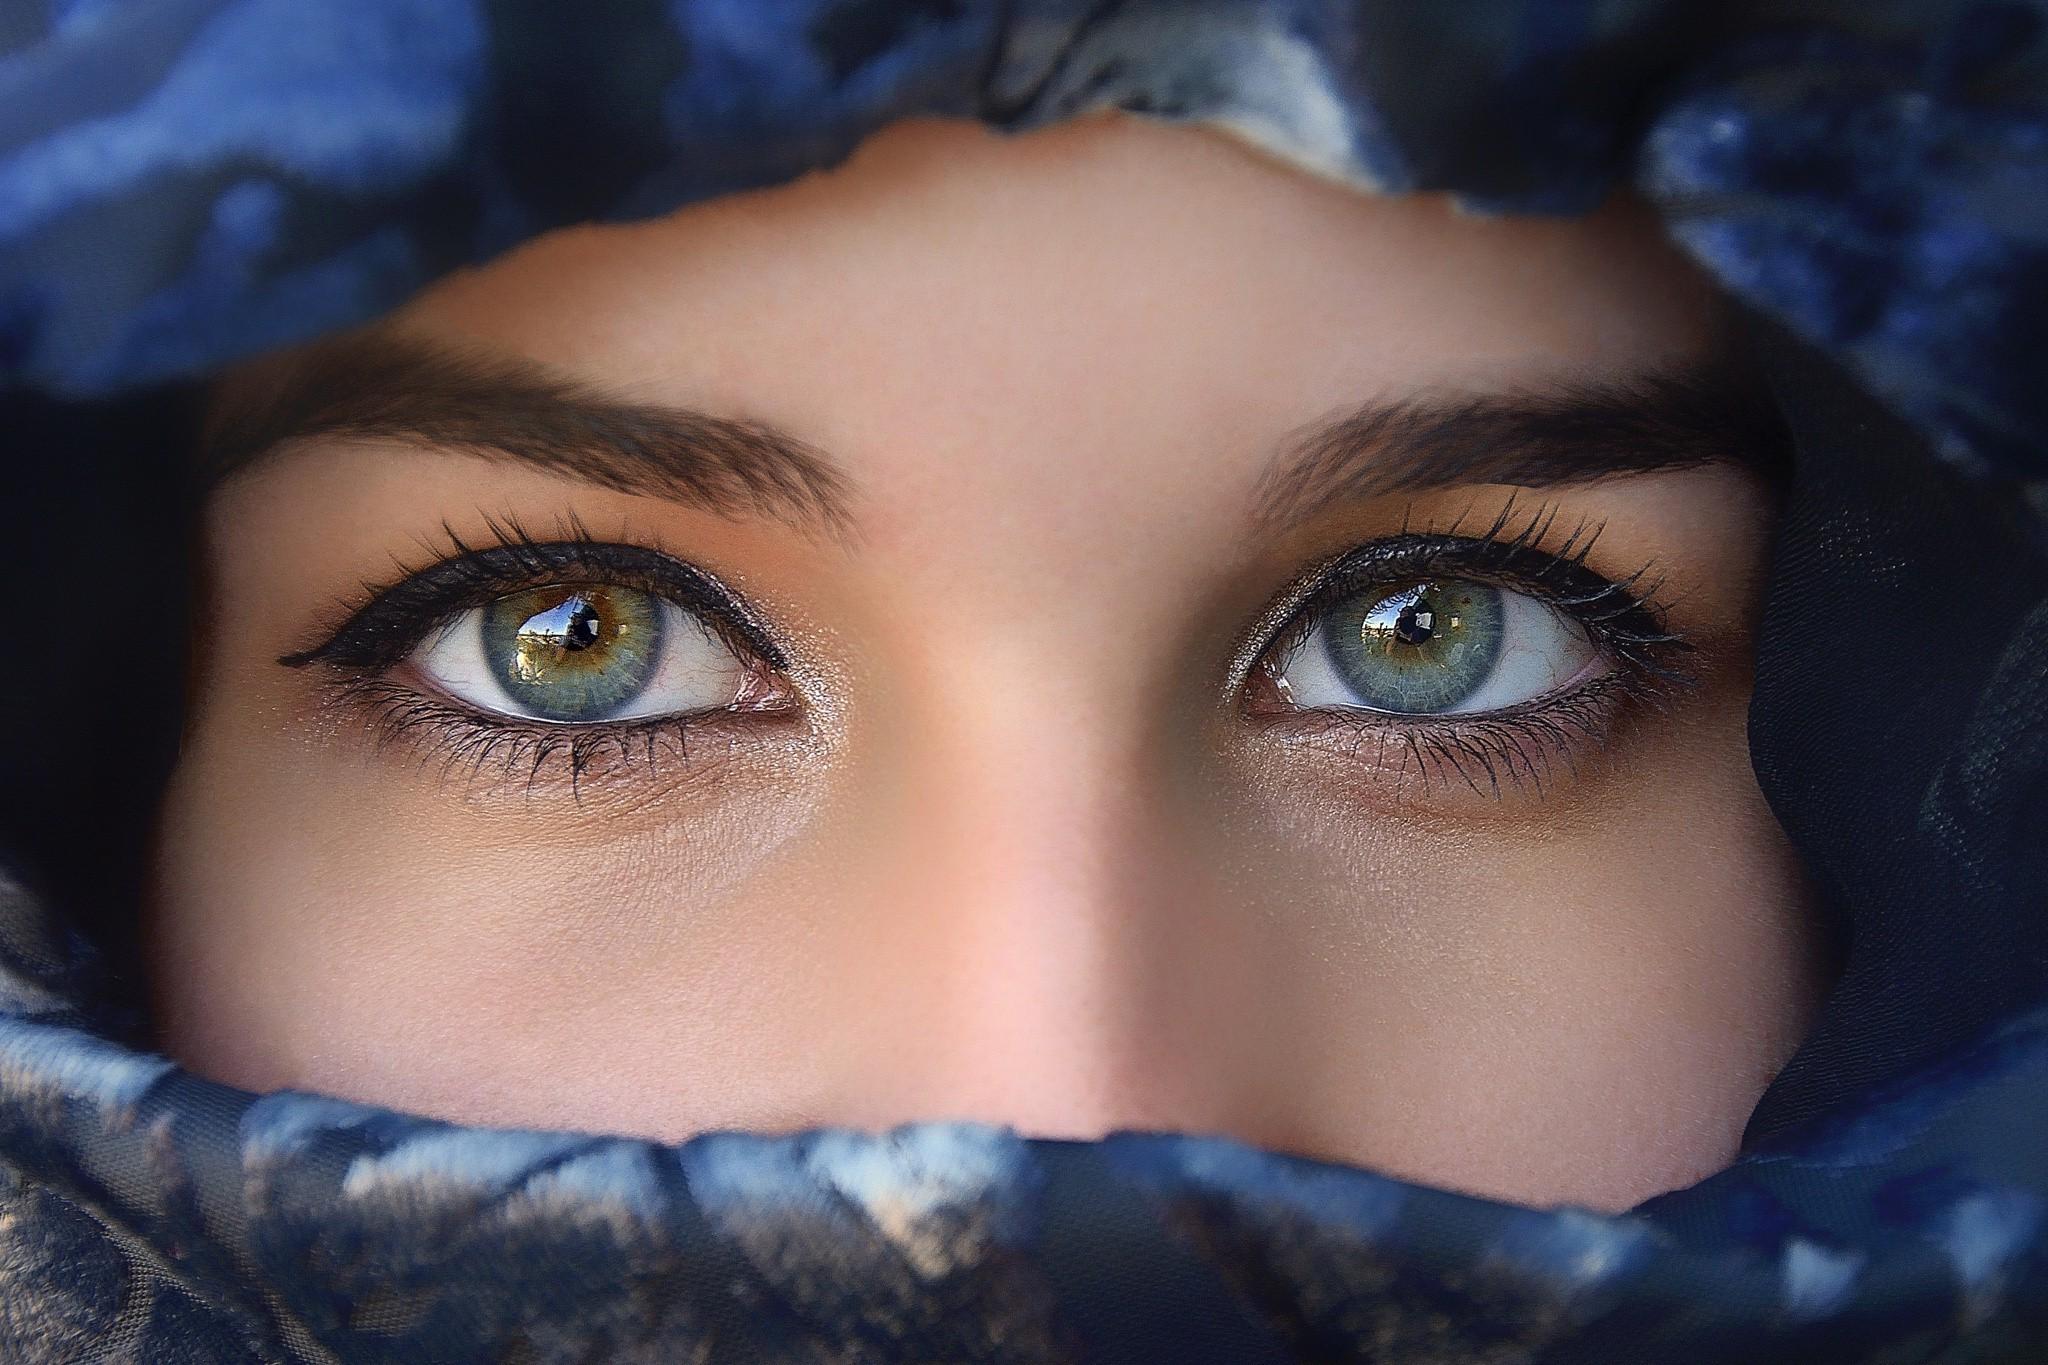 какие бывают красивые глаза фото гомес перестанет